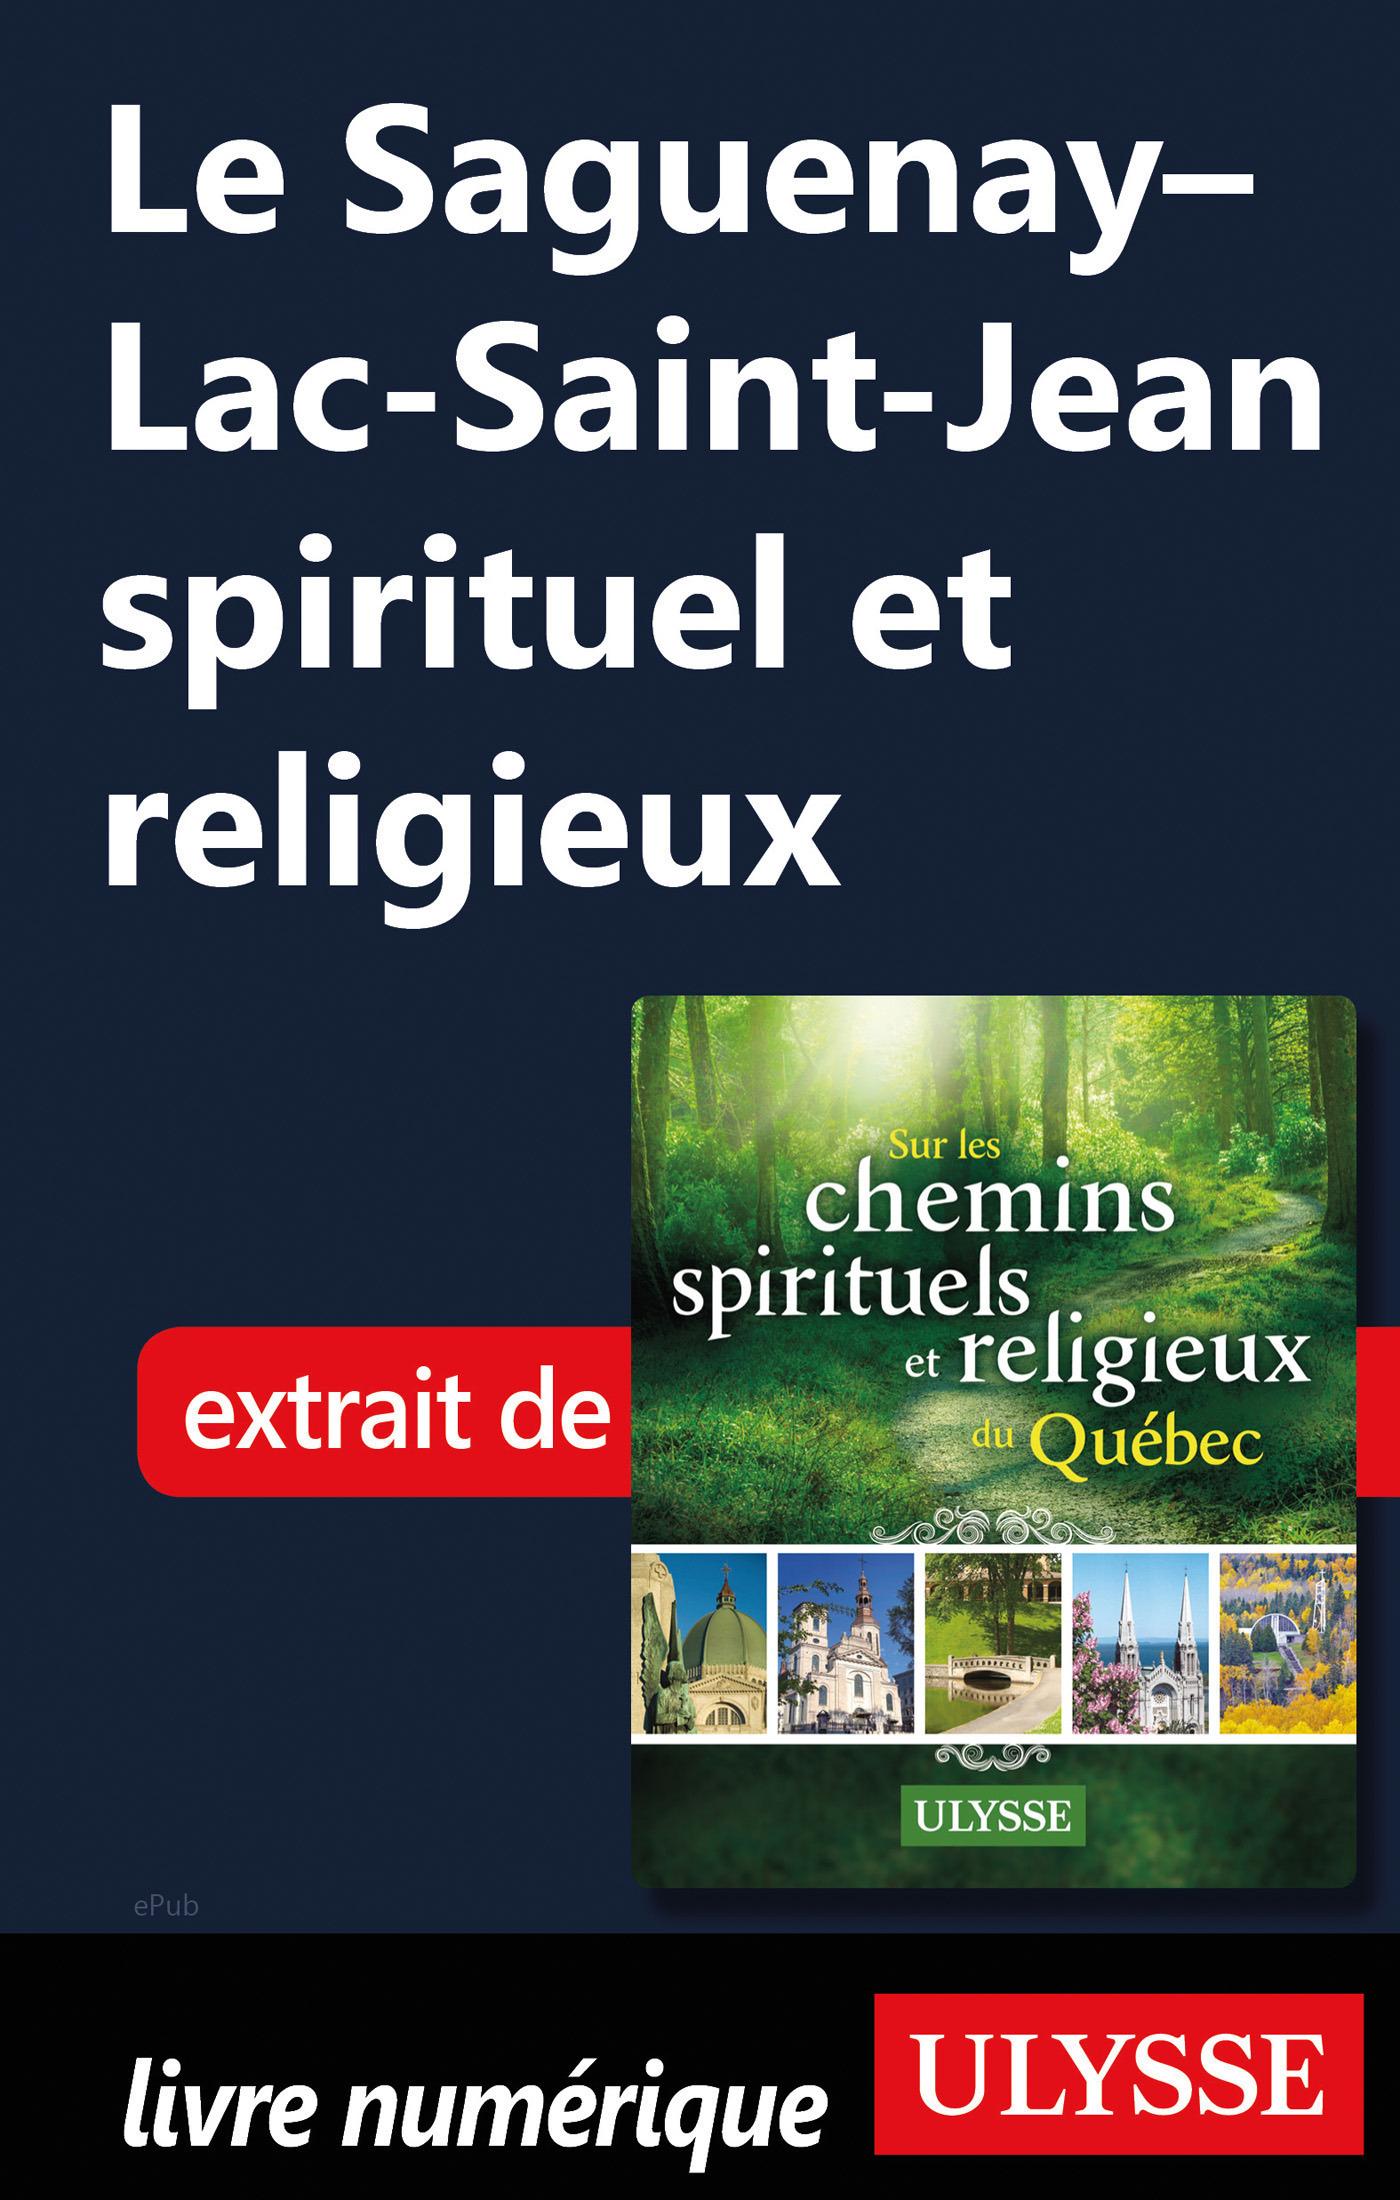 Le Saguenay-Lac-Saint-Jean spirituel et religieux